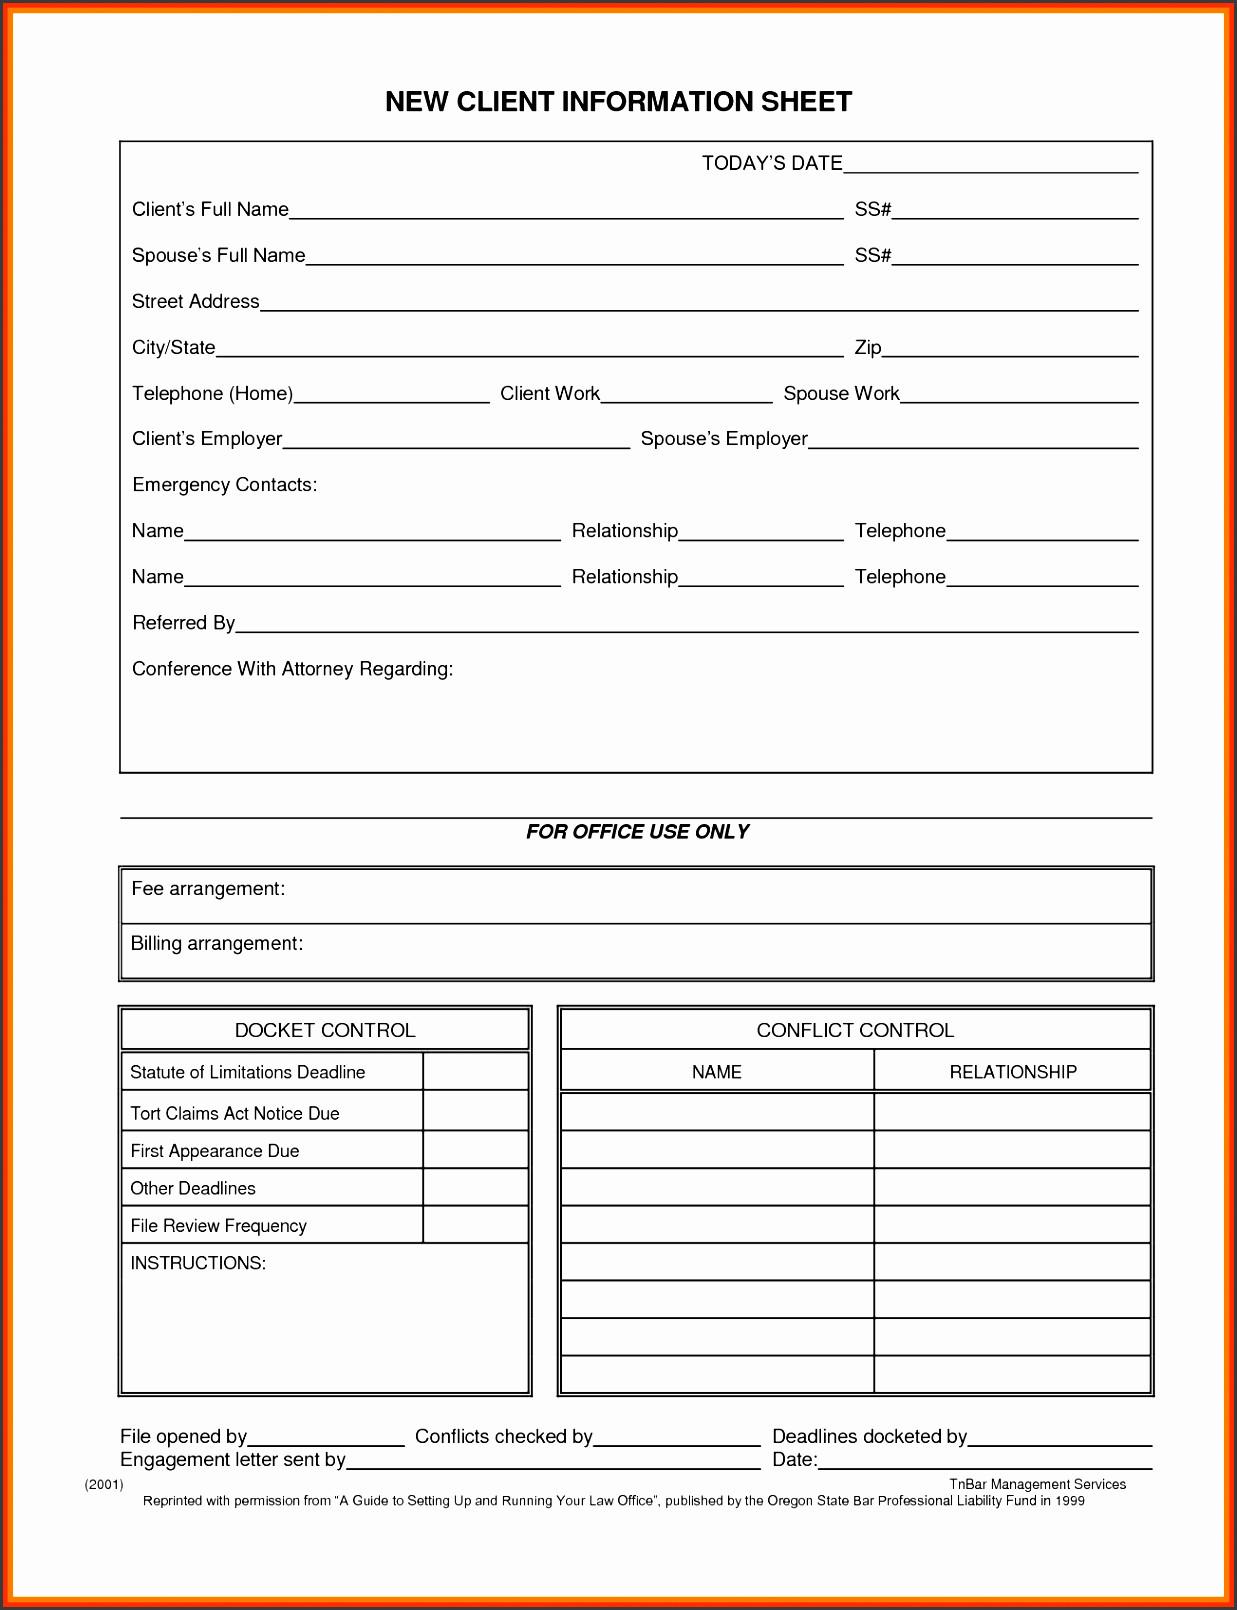 New Client form Template 5 Customer Information Sheet Template Sampletemplatess